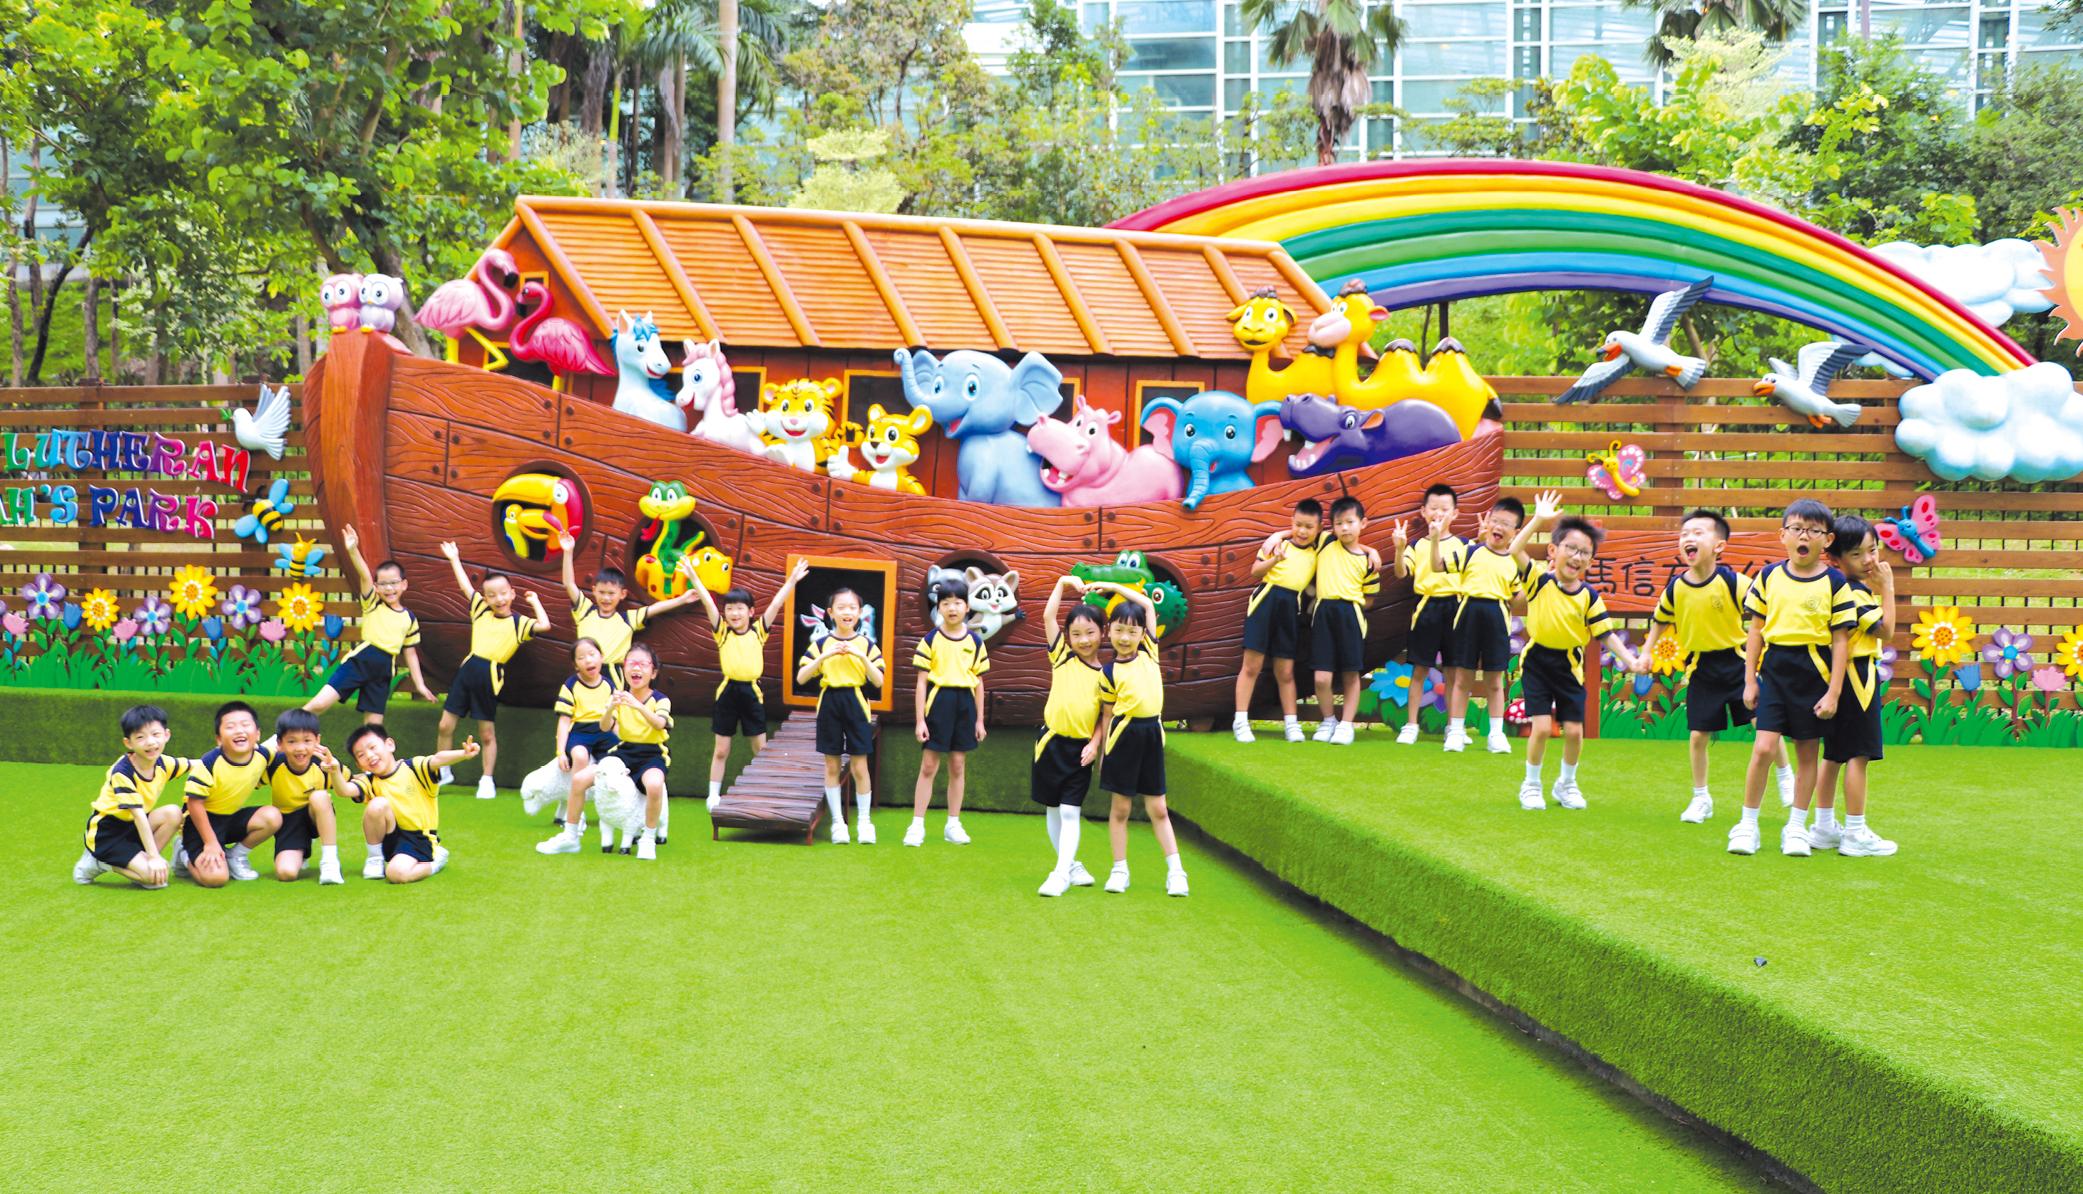 教育傳媒:公園內的地面鋪上綠油油的草皮,圍欄亦以綠葉花朵佈置,又配以不同的動物座椅供學生休息及閱讀, 讓學生彷如置身大自然